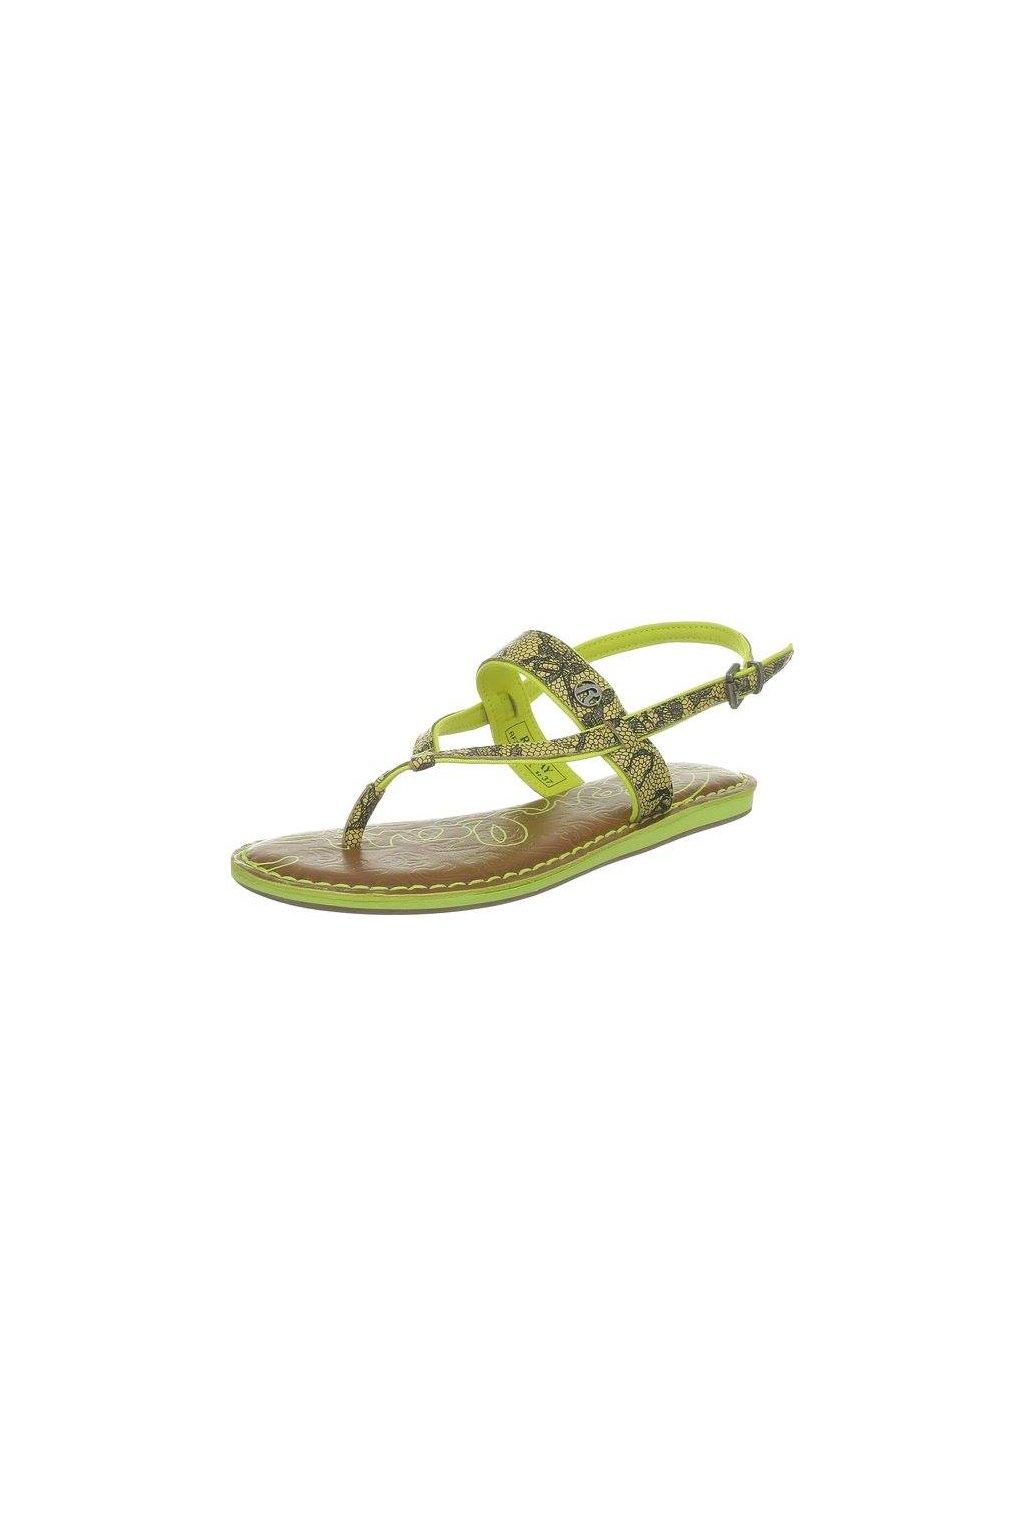 Replay damske sandale (9)